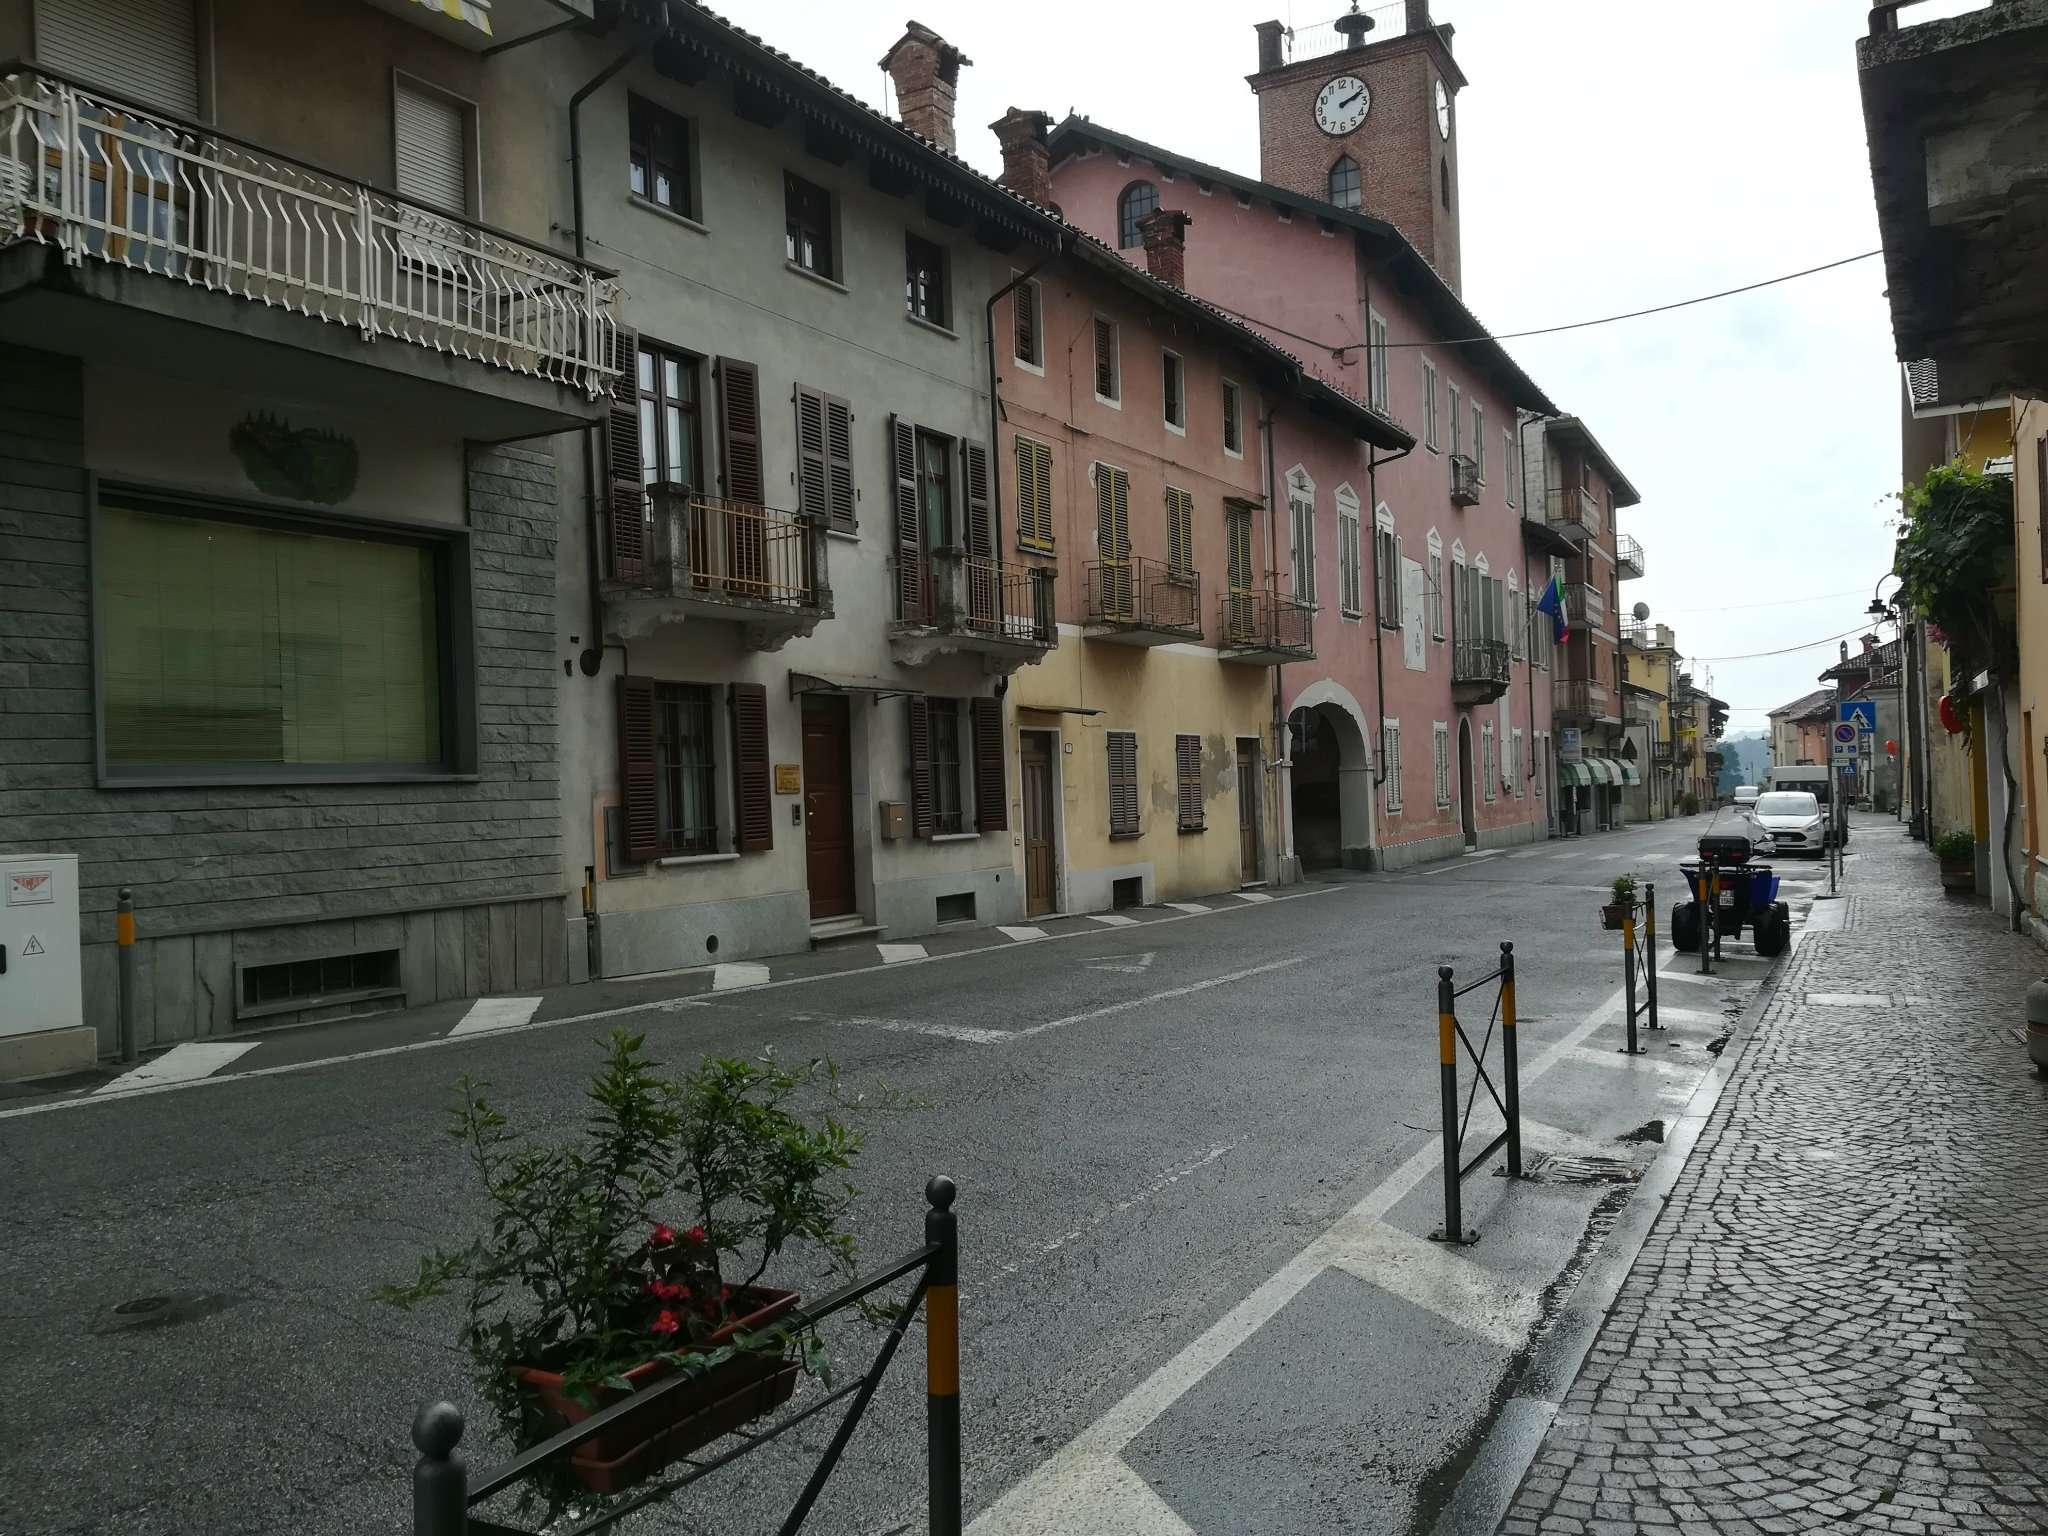 Appartamento in vendita a Rocca de' Baldi, 8 locali, prezzo € 108.000 | CambioCasa.it